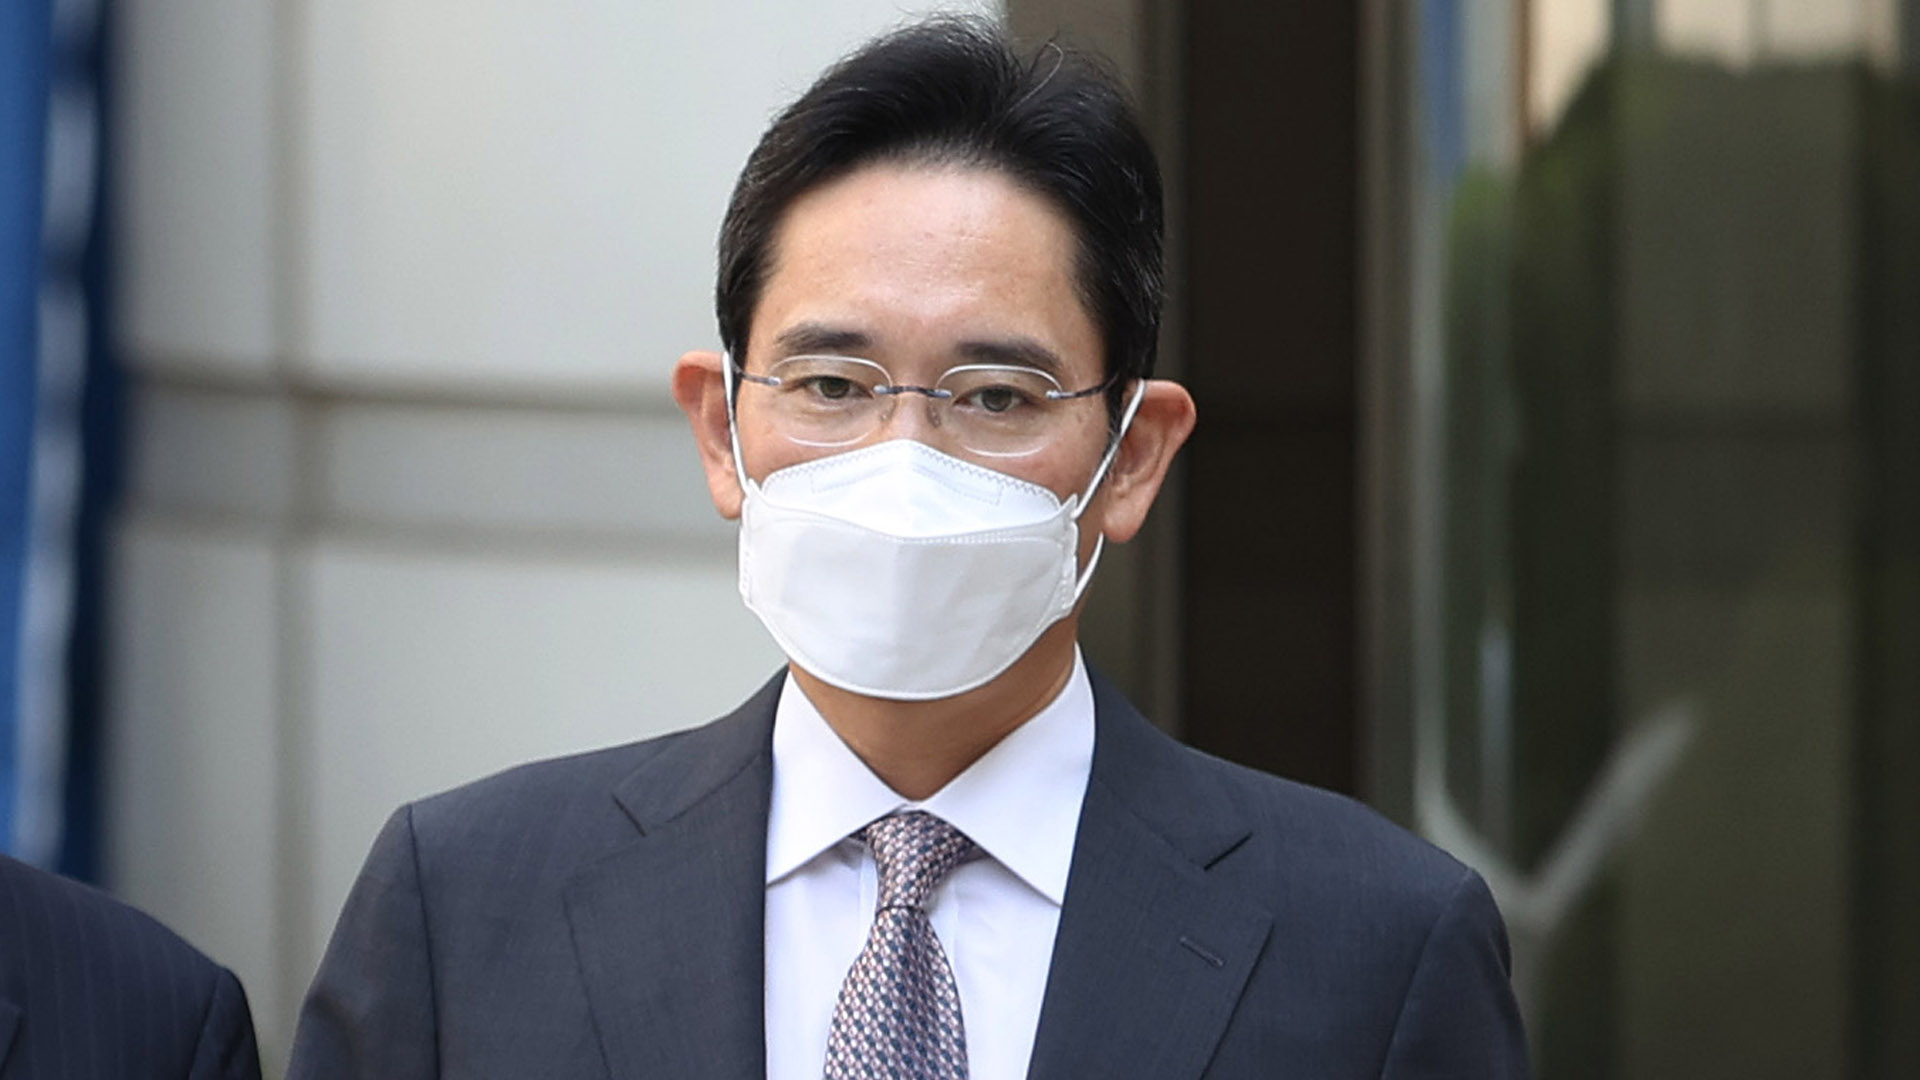 '프로포폴 불법투약' 이재용 벌금 7천만원 선고